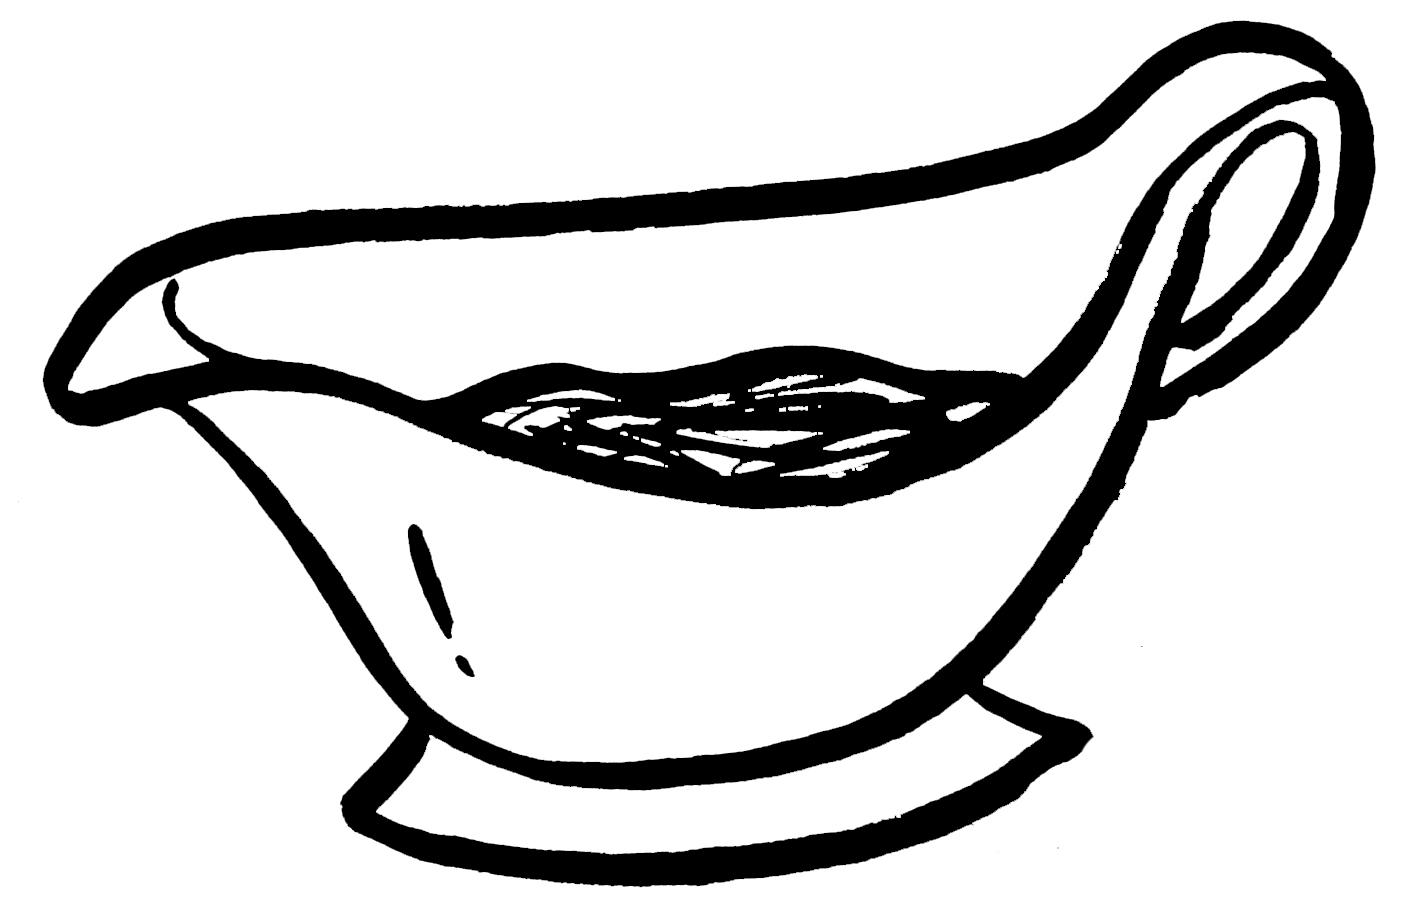 gravy boat illustration